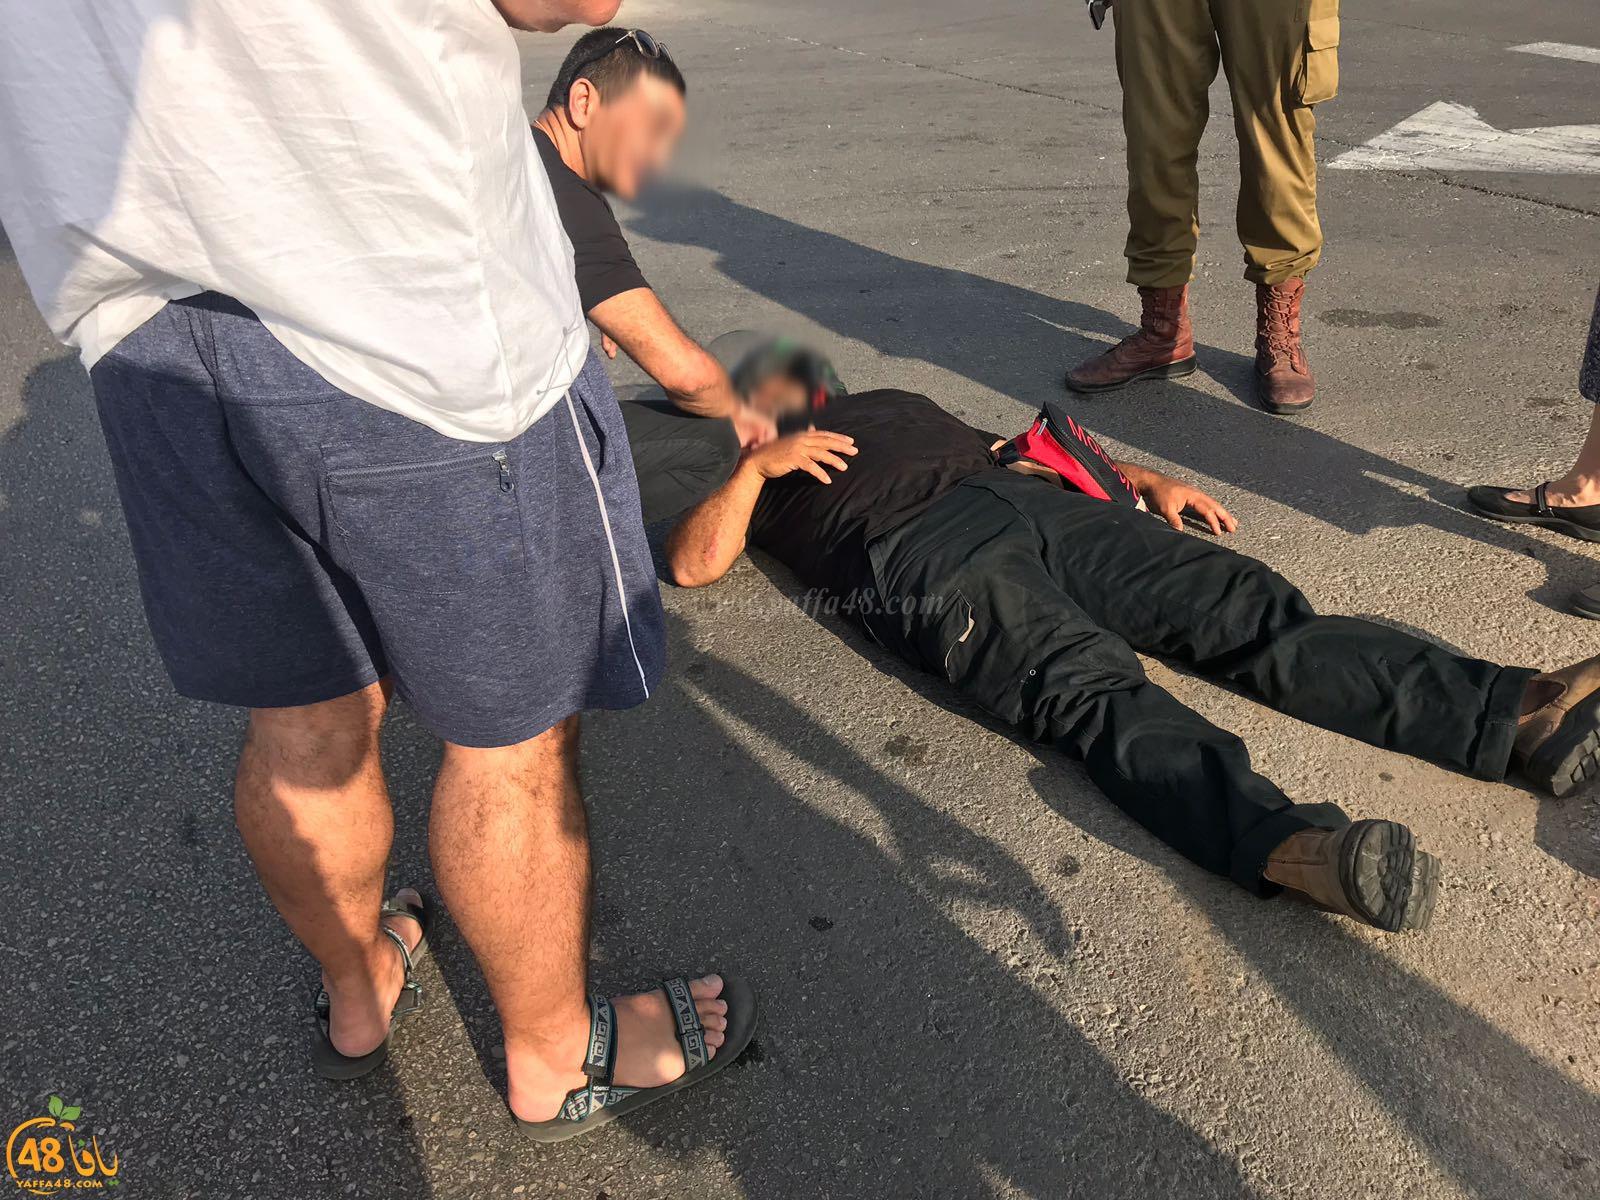 يافا: اصابة راكب دراجة نارية بحادث طرق قرب مستشفى فولفسون